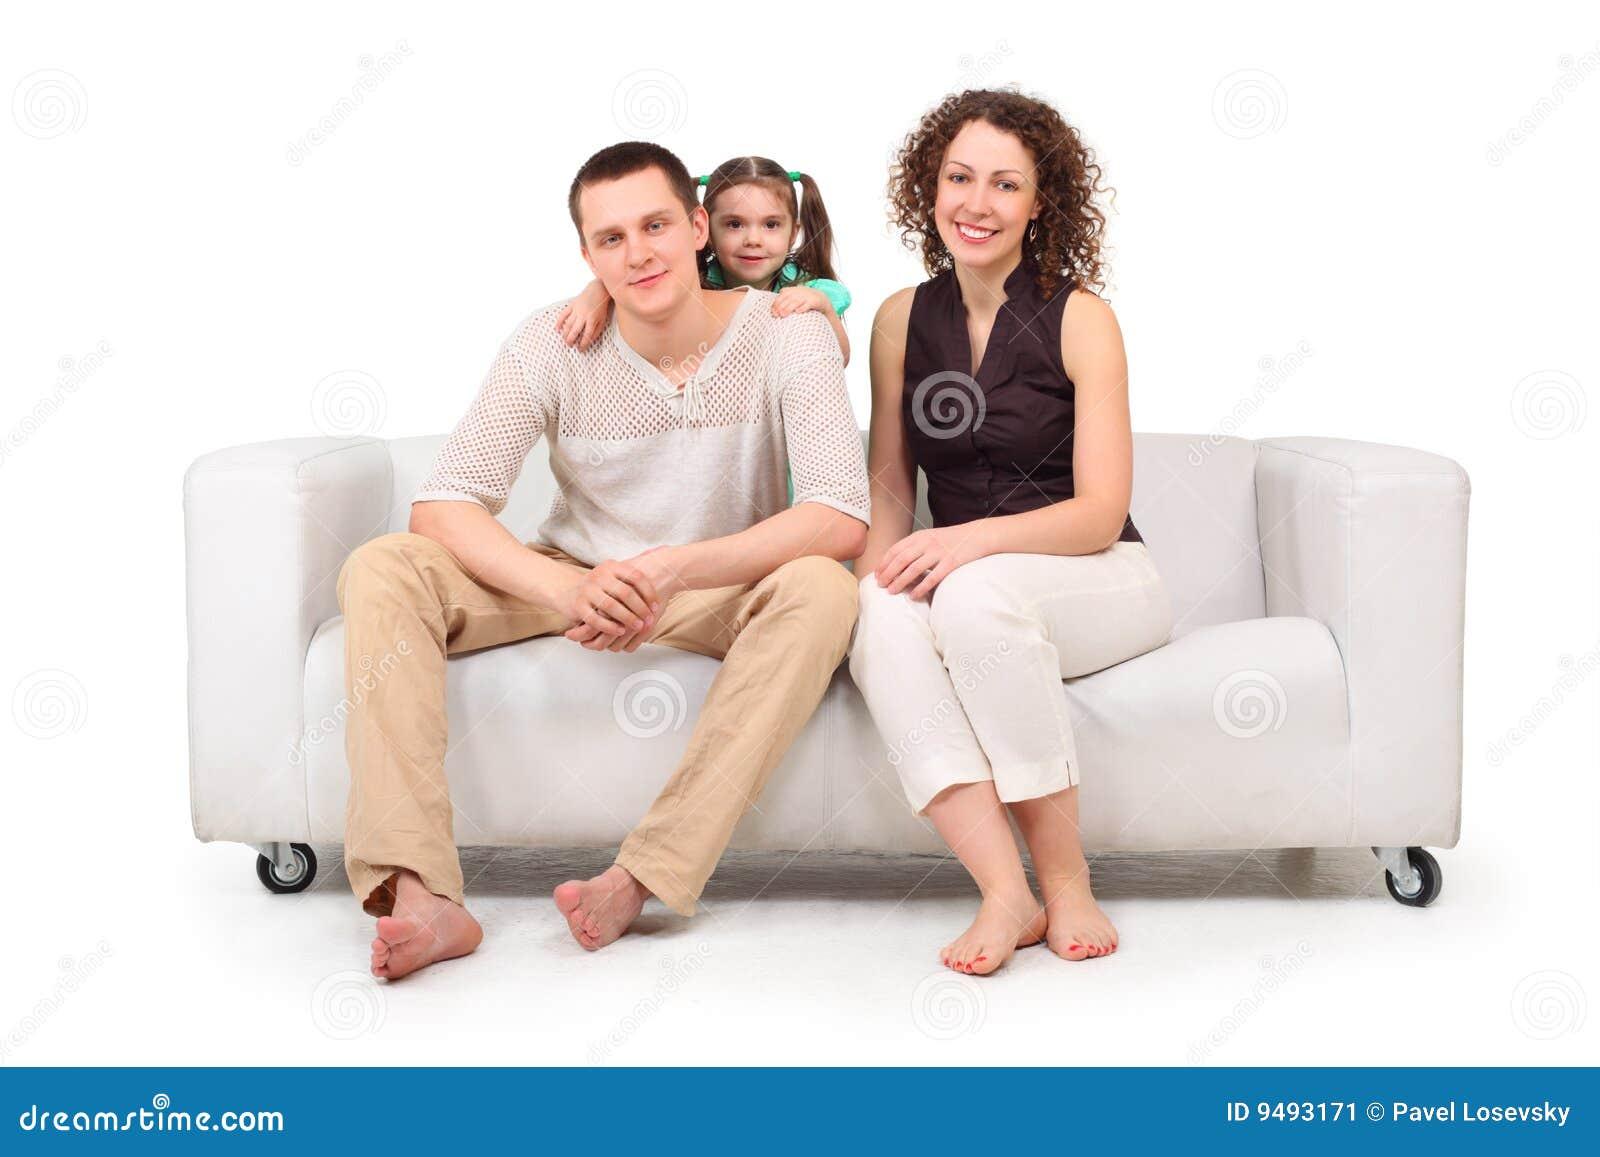 Сын с мамой на диване 18 фотография